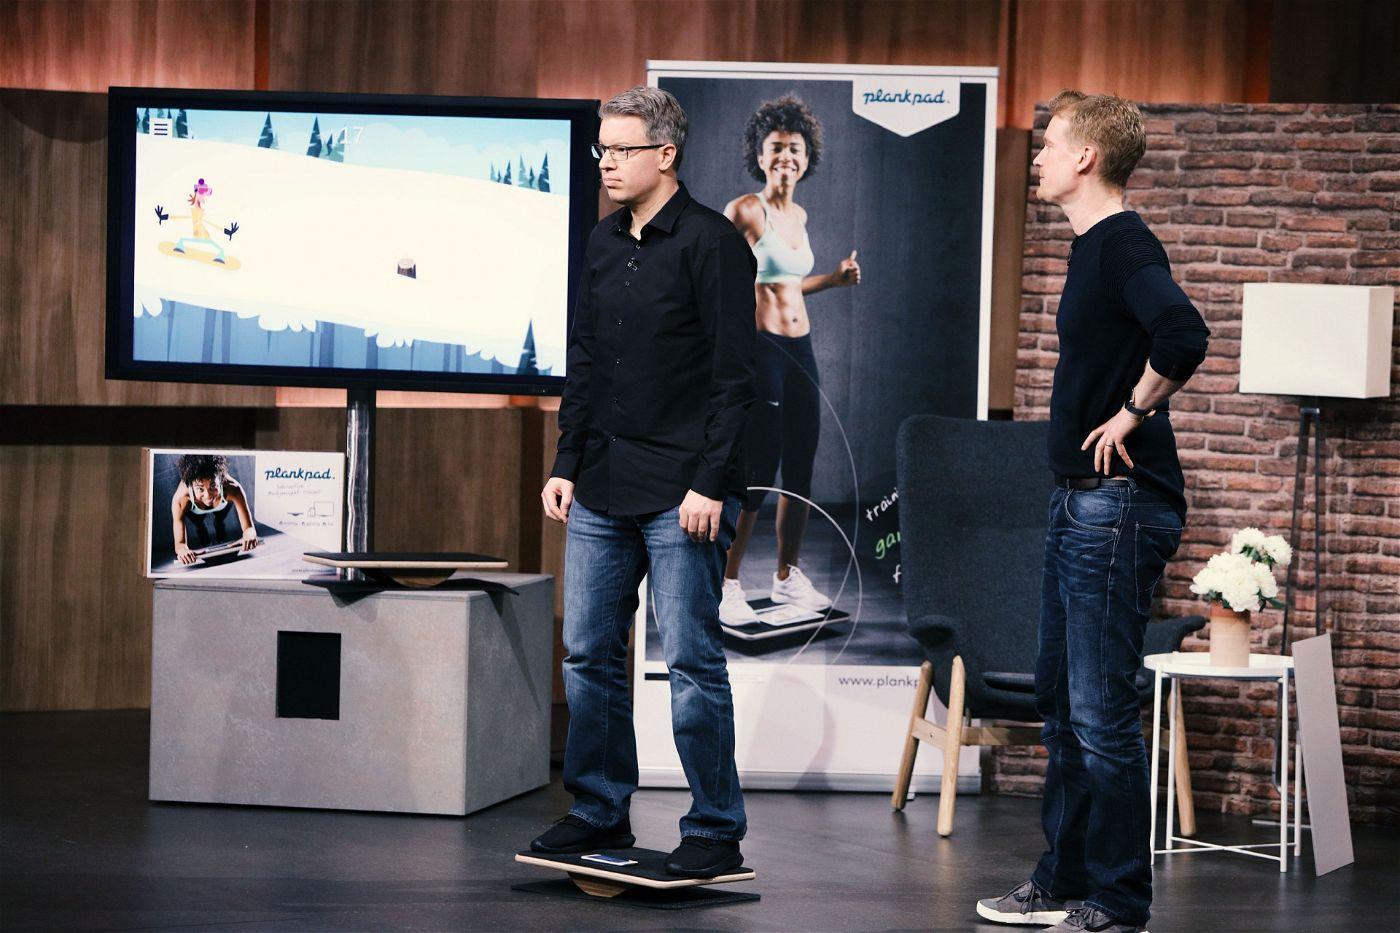 """<p><b>Der Gründer und sein Produkt</b>: André Reinegger (40) aus Aachen hat """"Plankpad"""" erfunden, ein Balance-Board mit einer App, die die Übungen dynamisch mit Spielen und Workouts verbindet.</p> <p><b>Der Wunsch</b>: 50.000 Euro für einen Firmenanteil von 15 Prozent.</p> <p><b>Der Deal</b>: Ralf Dümmel bot 50.000 Euro für 25 Prozent.</p>"""